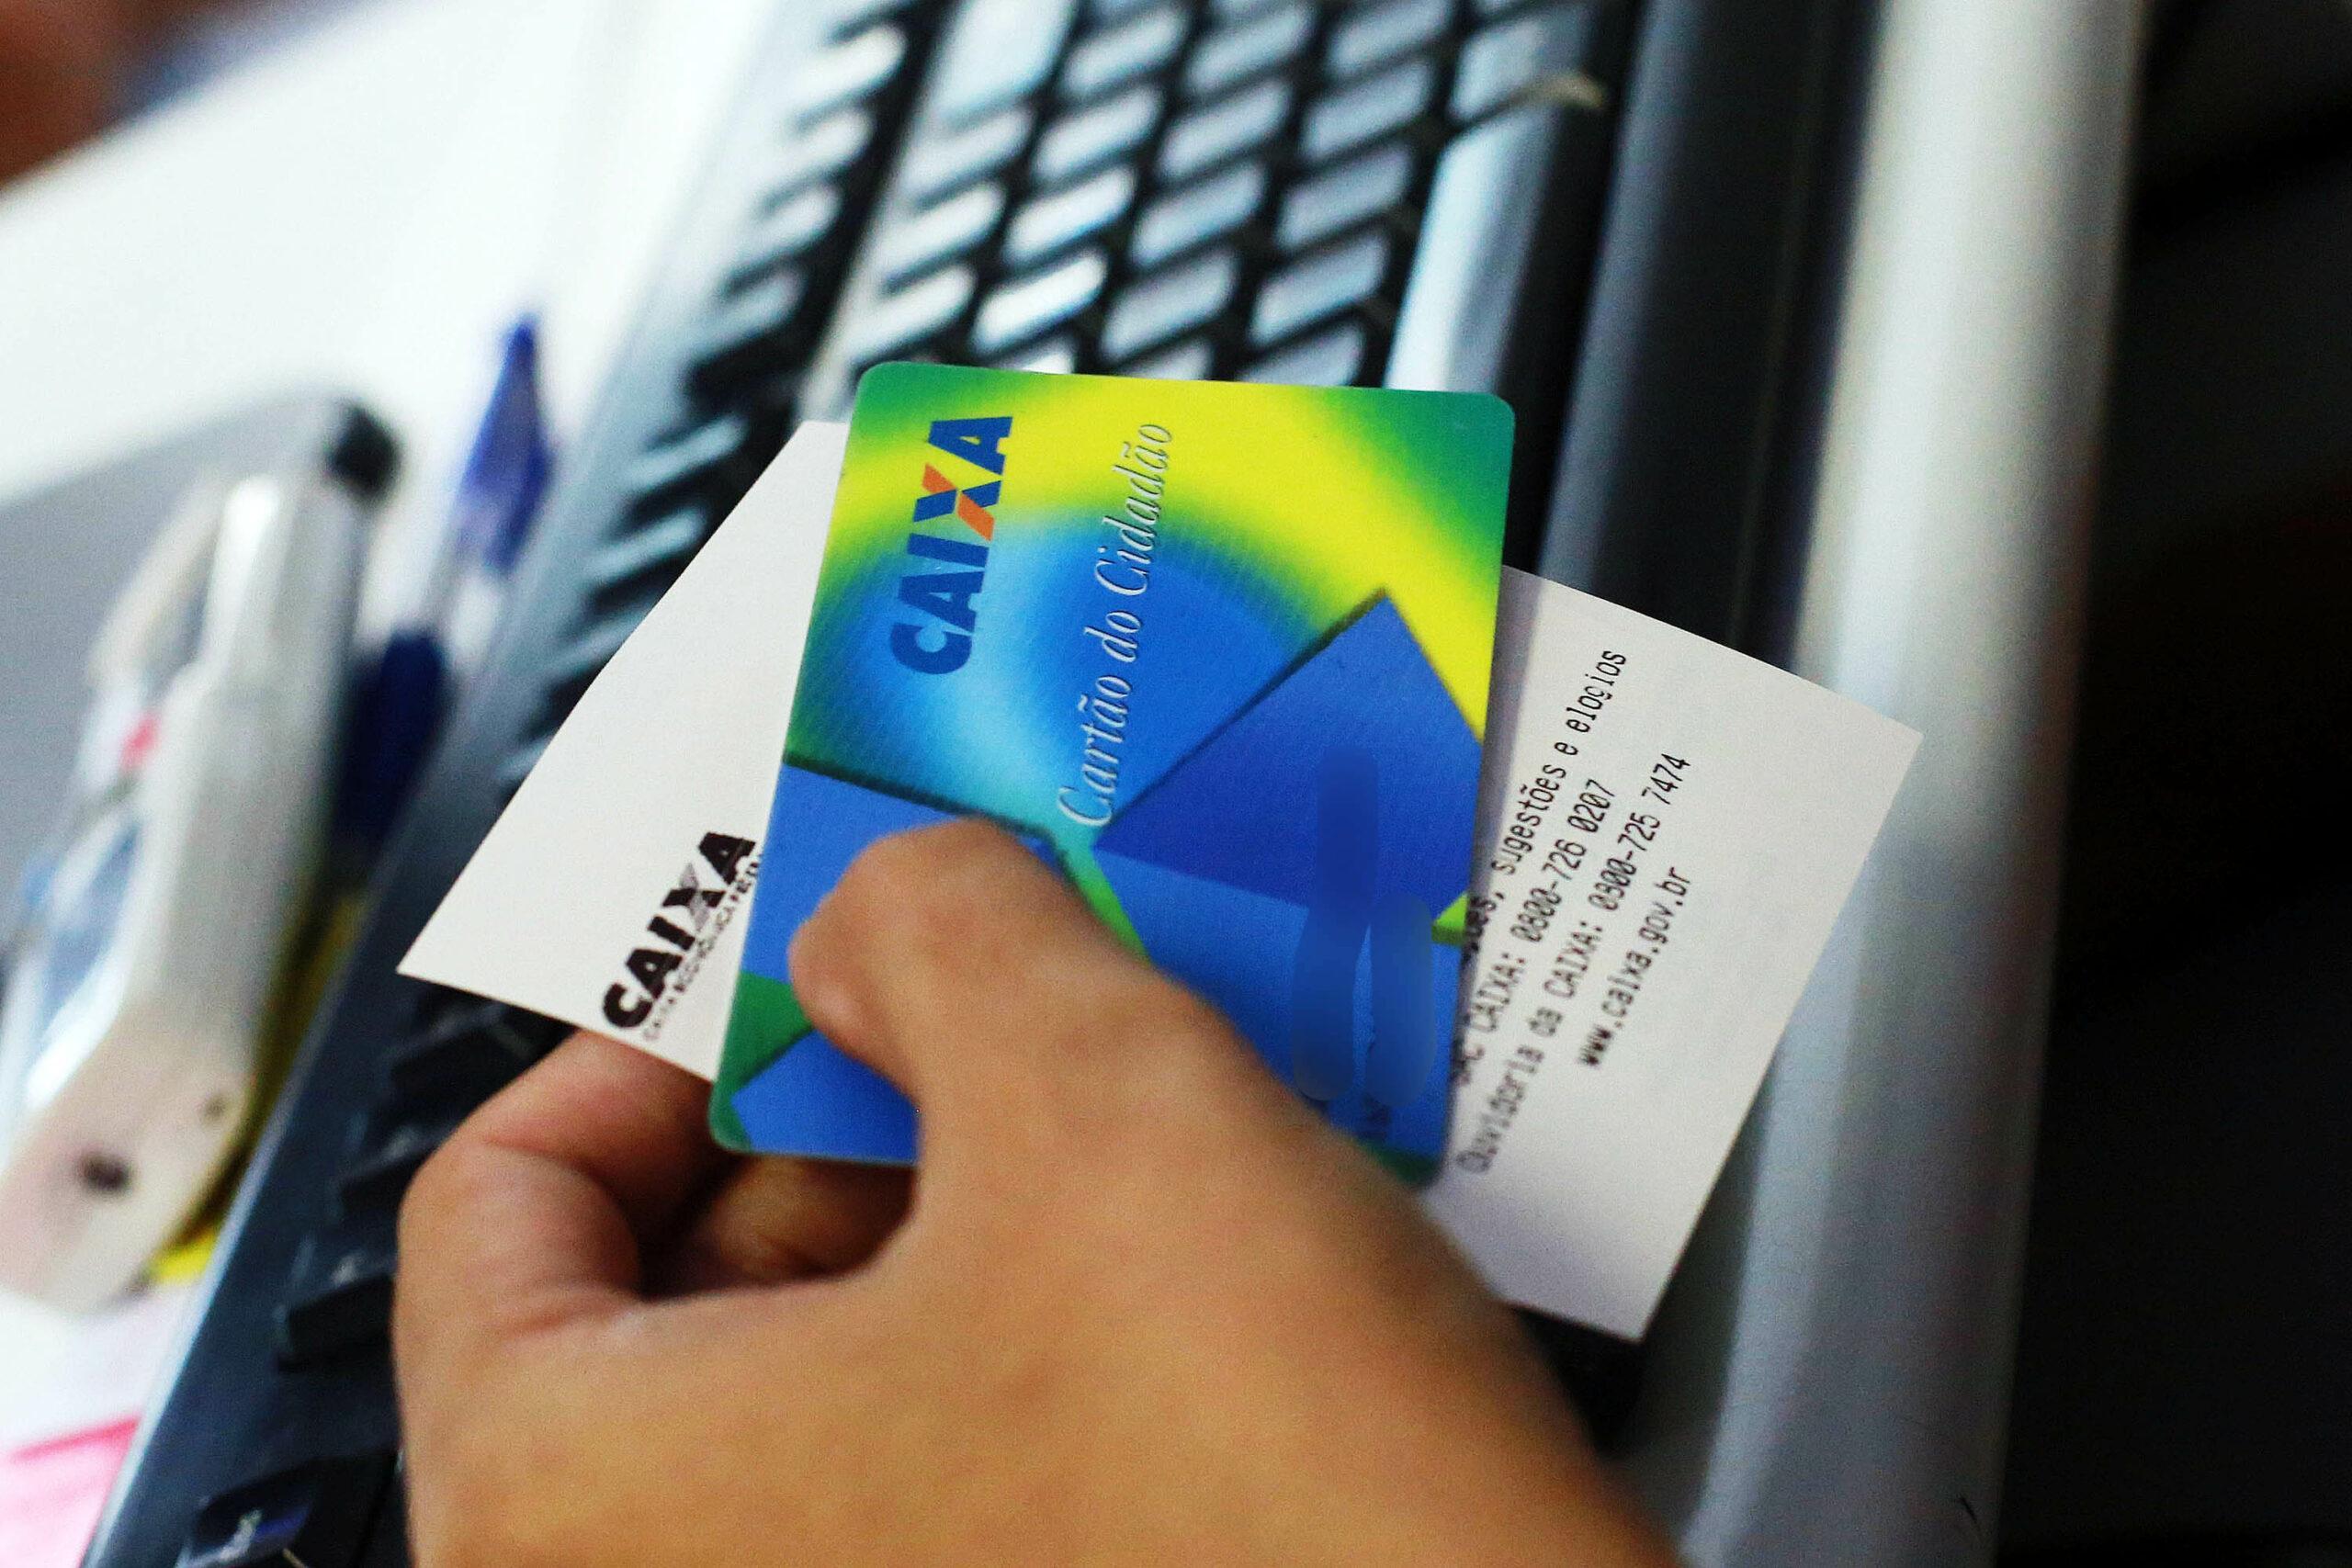 Mãos segurando o cartão cidadão para consulta do PIS/PASEP de 2021.